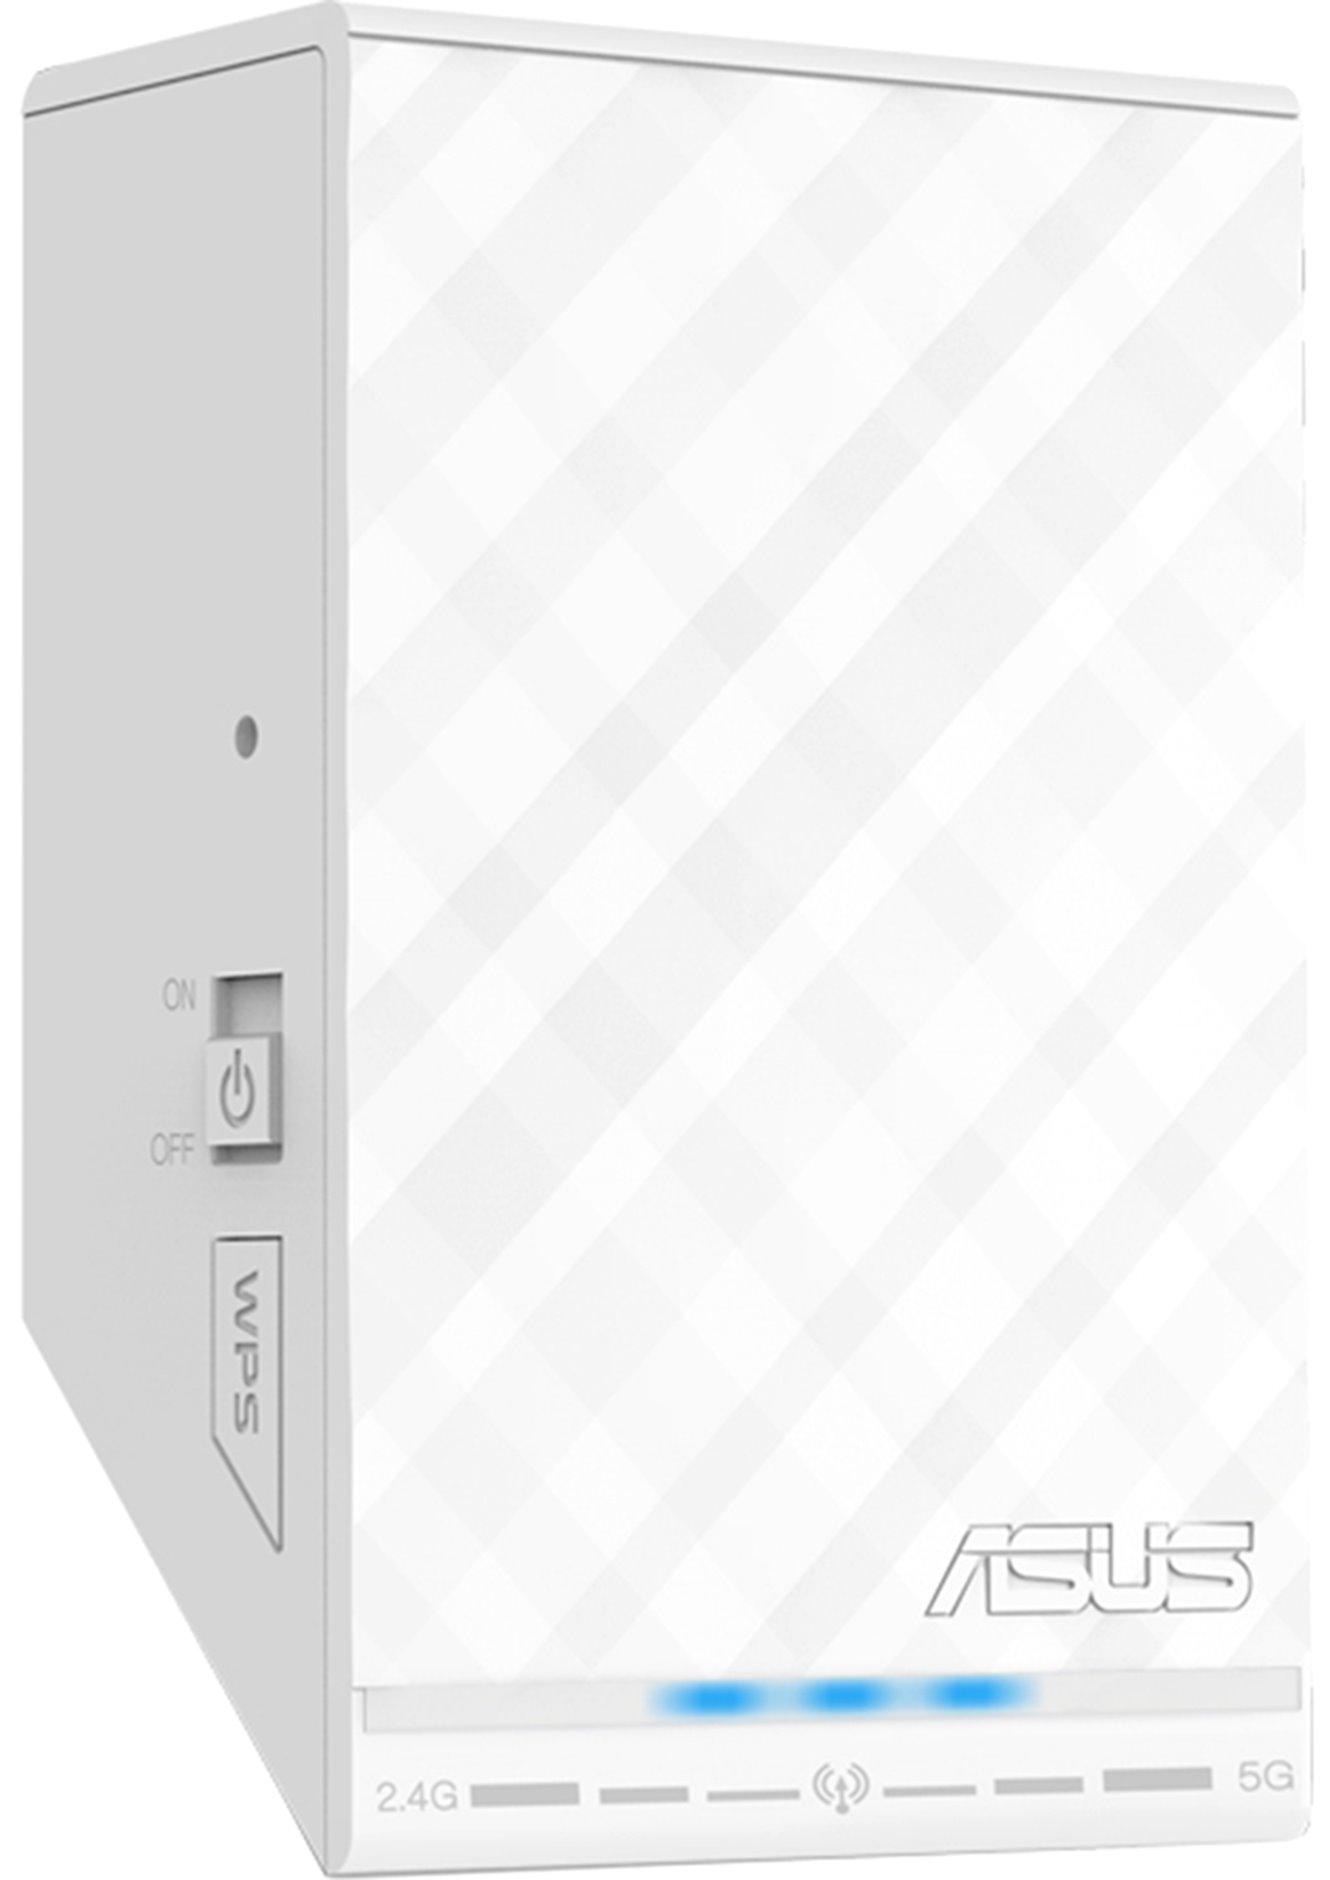 Точка доступа ASUS RP-N14